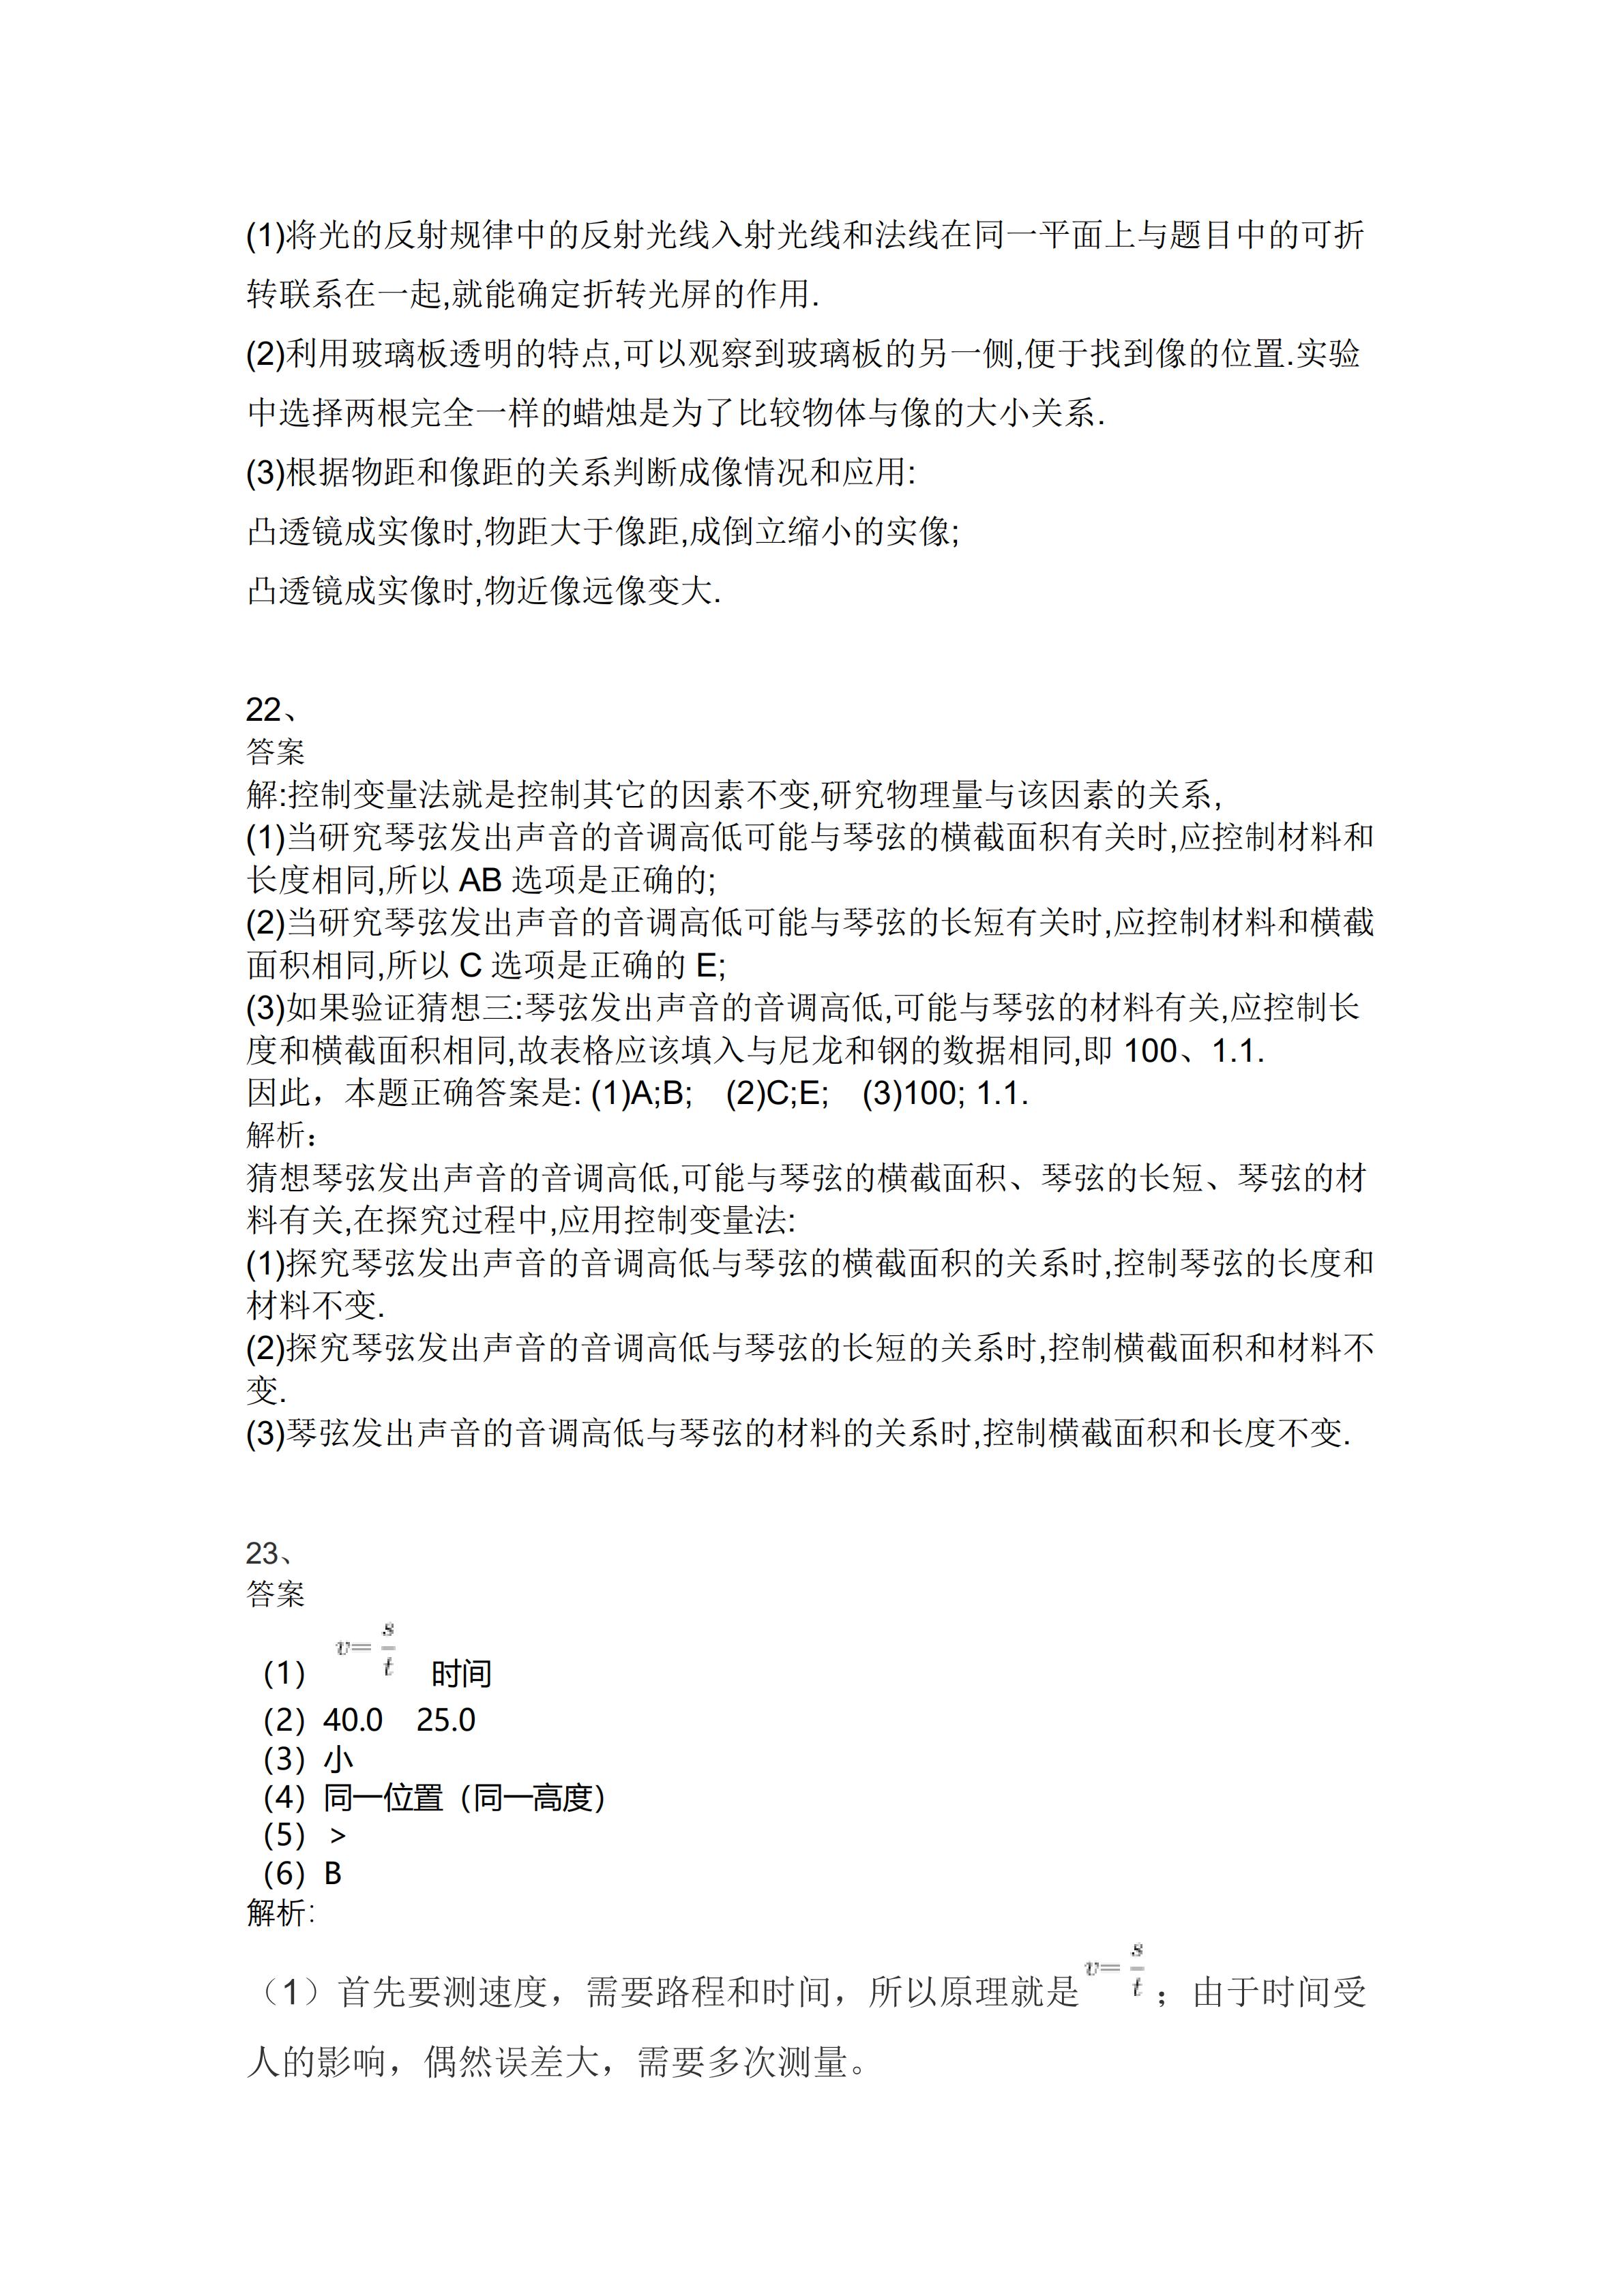 2018-2019 广州荔湾区初二上期末物理答案_06.png